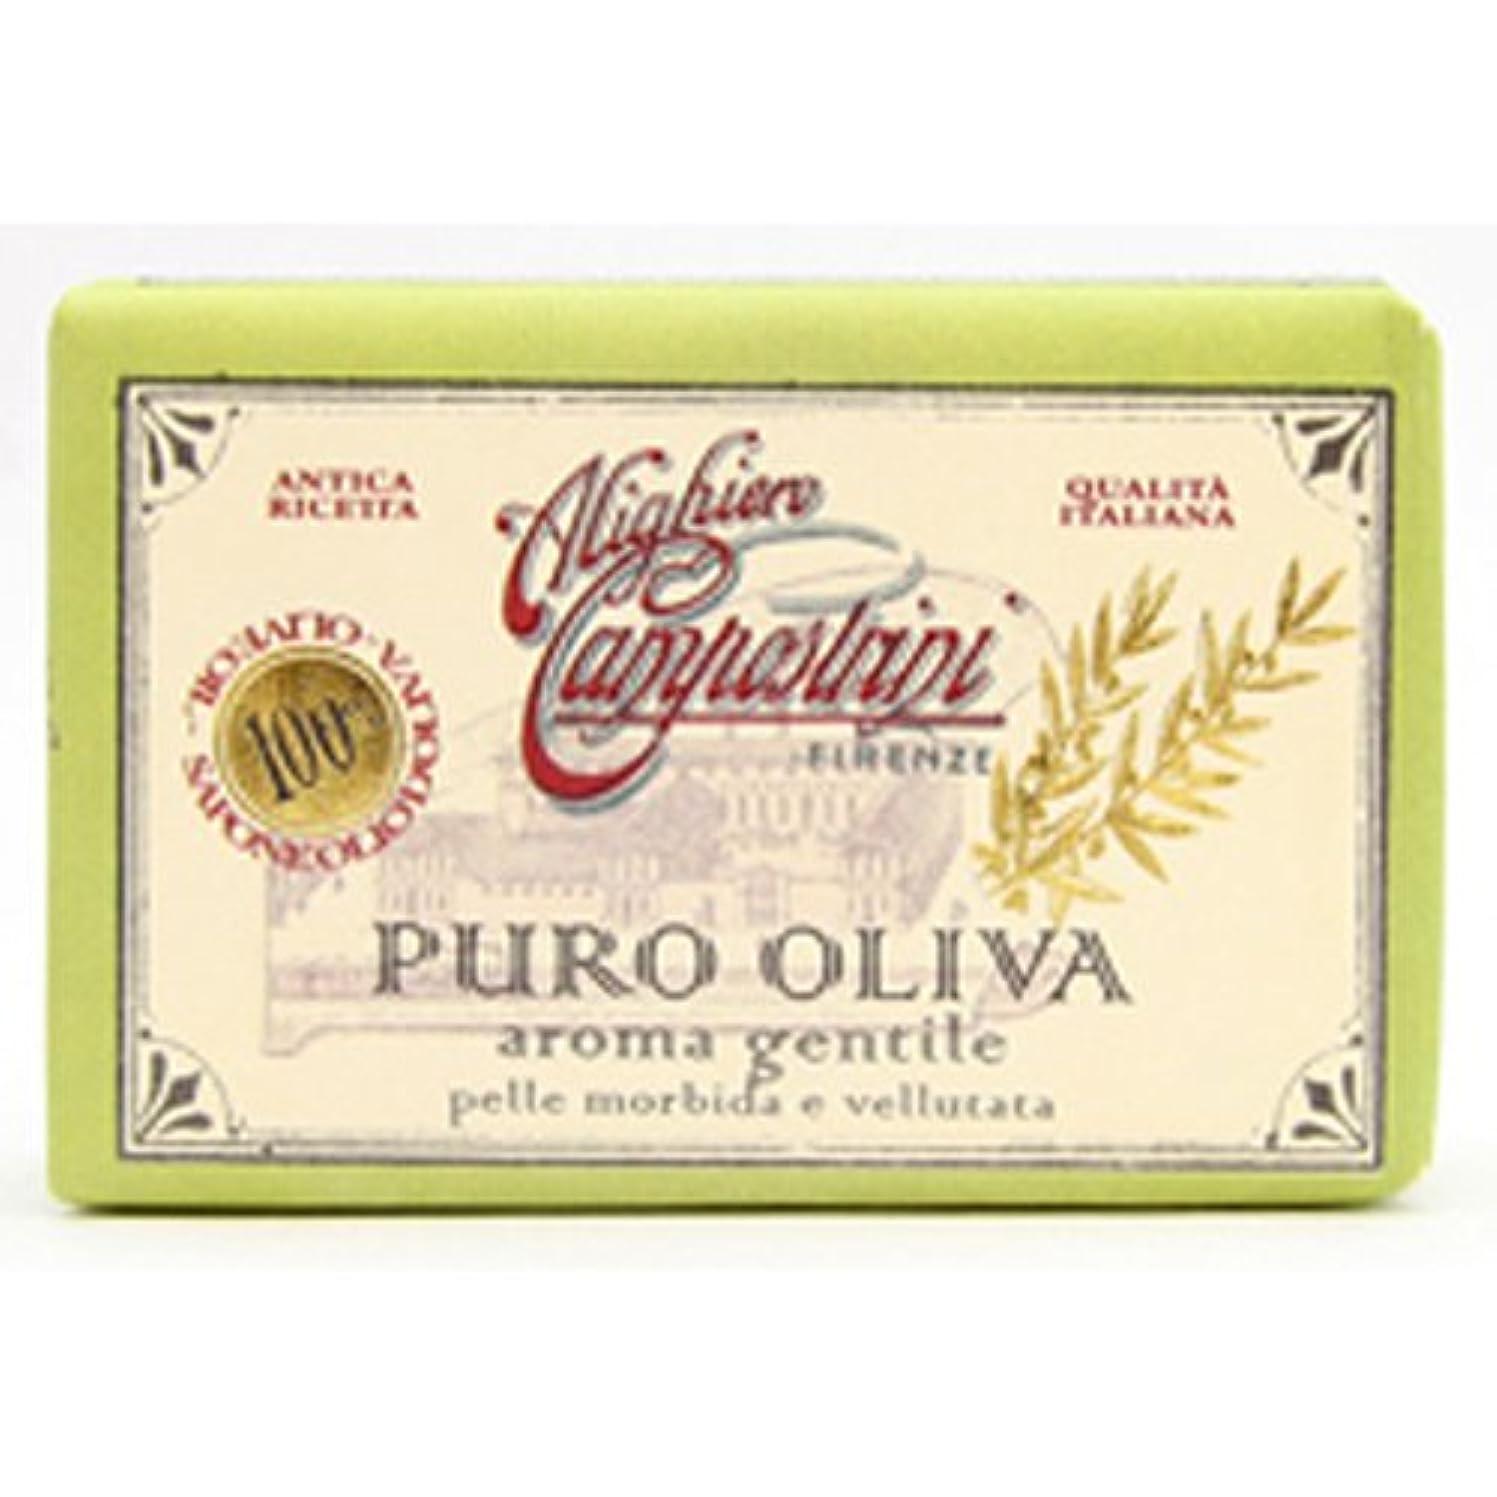 遠近法再集計軽量Saponerire Fissi サポネリーフィッシー PURO OLIVA Soap オリーブオイル ピュロ ソープ Aroma gentile ジェントル(グリーン)